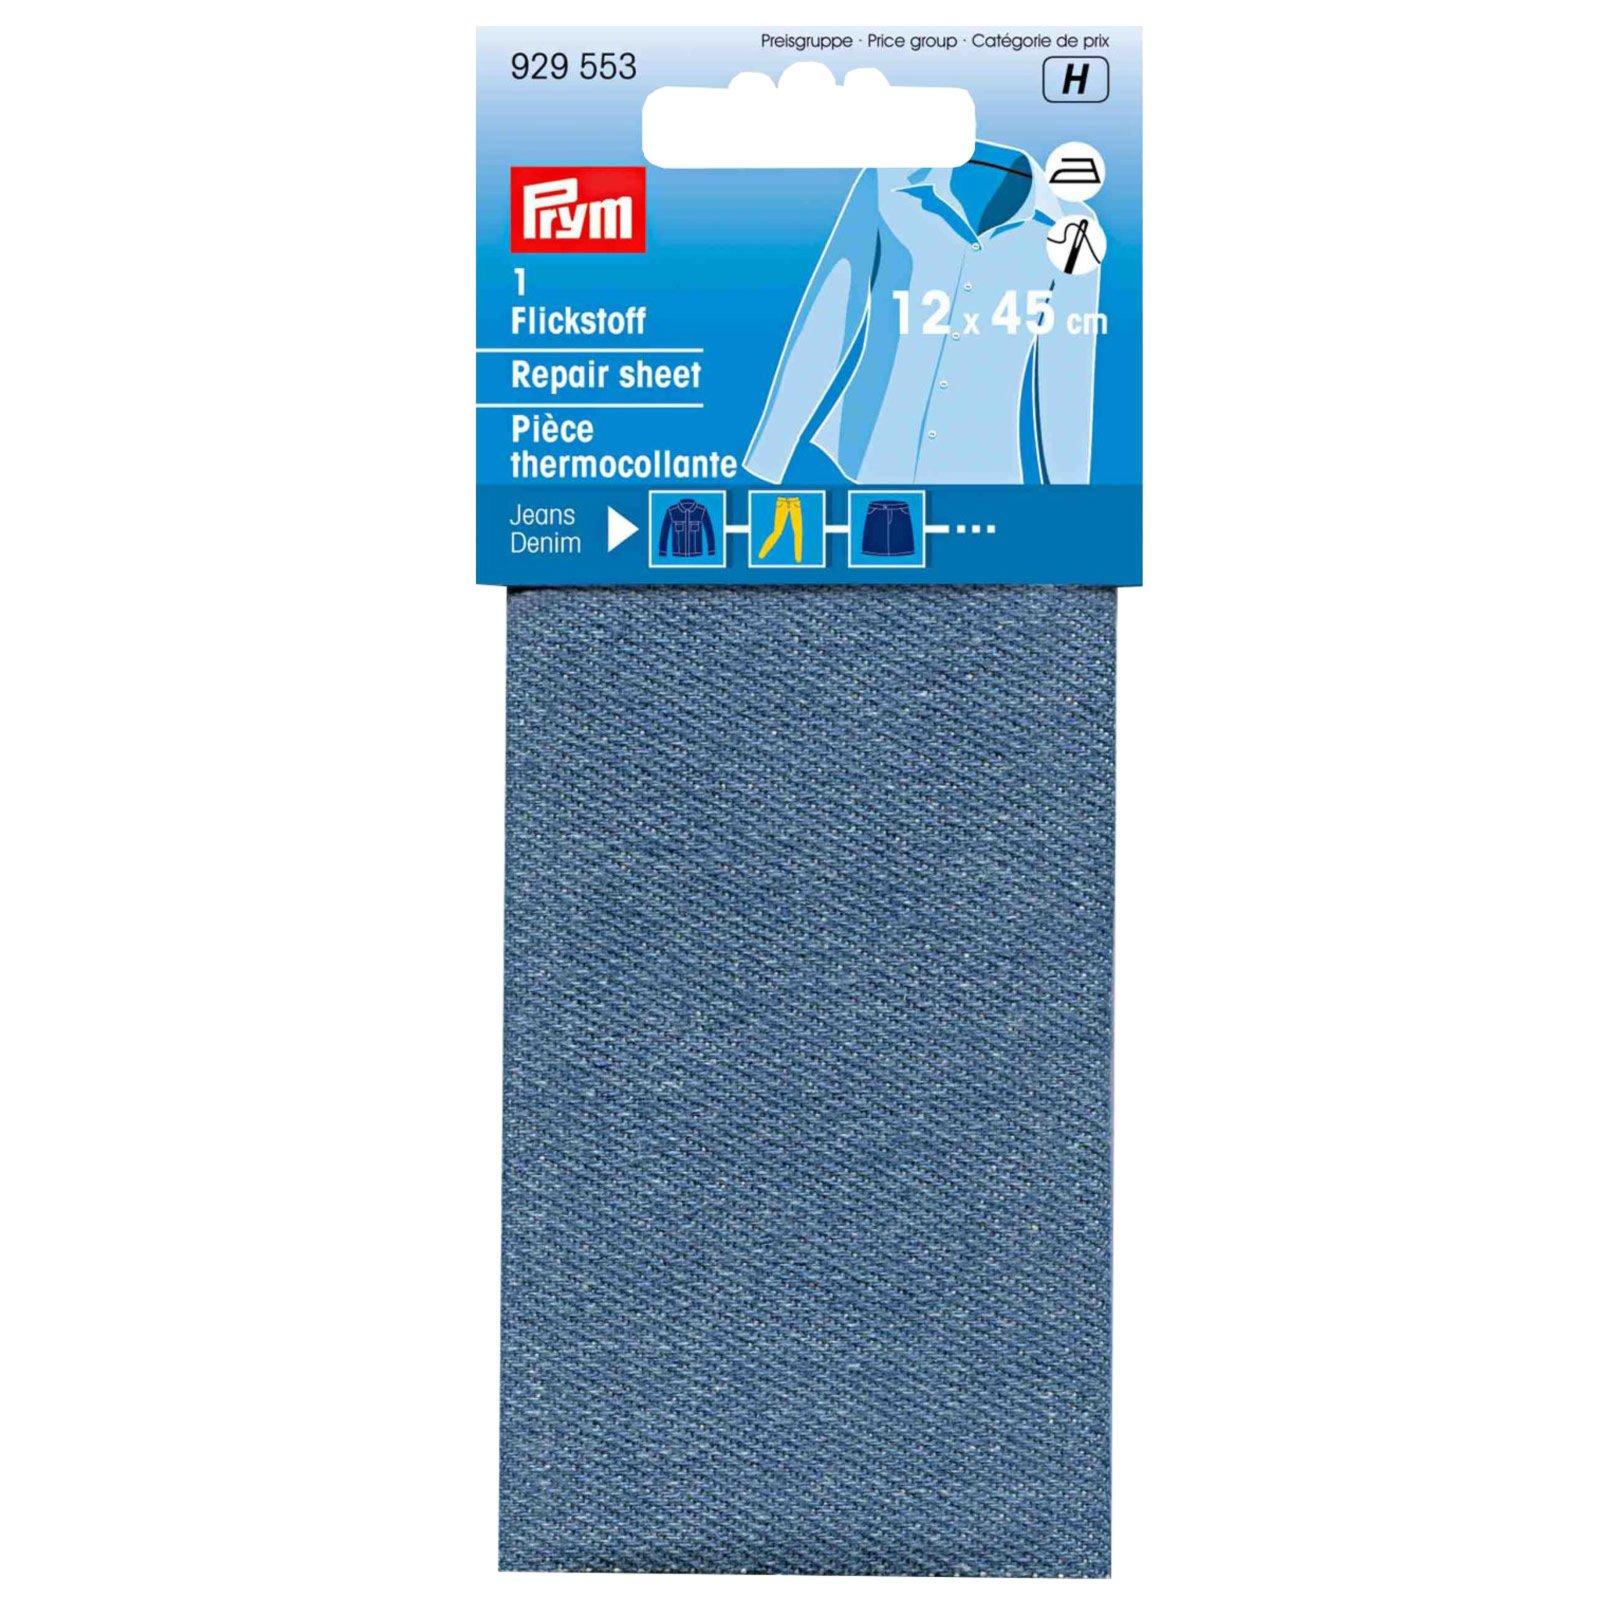 Flicken Jeans - mittelblau - 12x45 cm